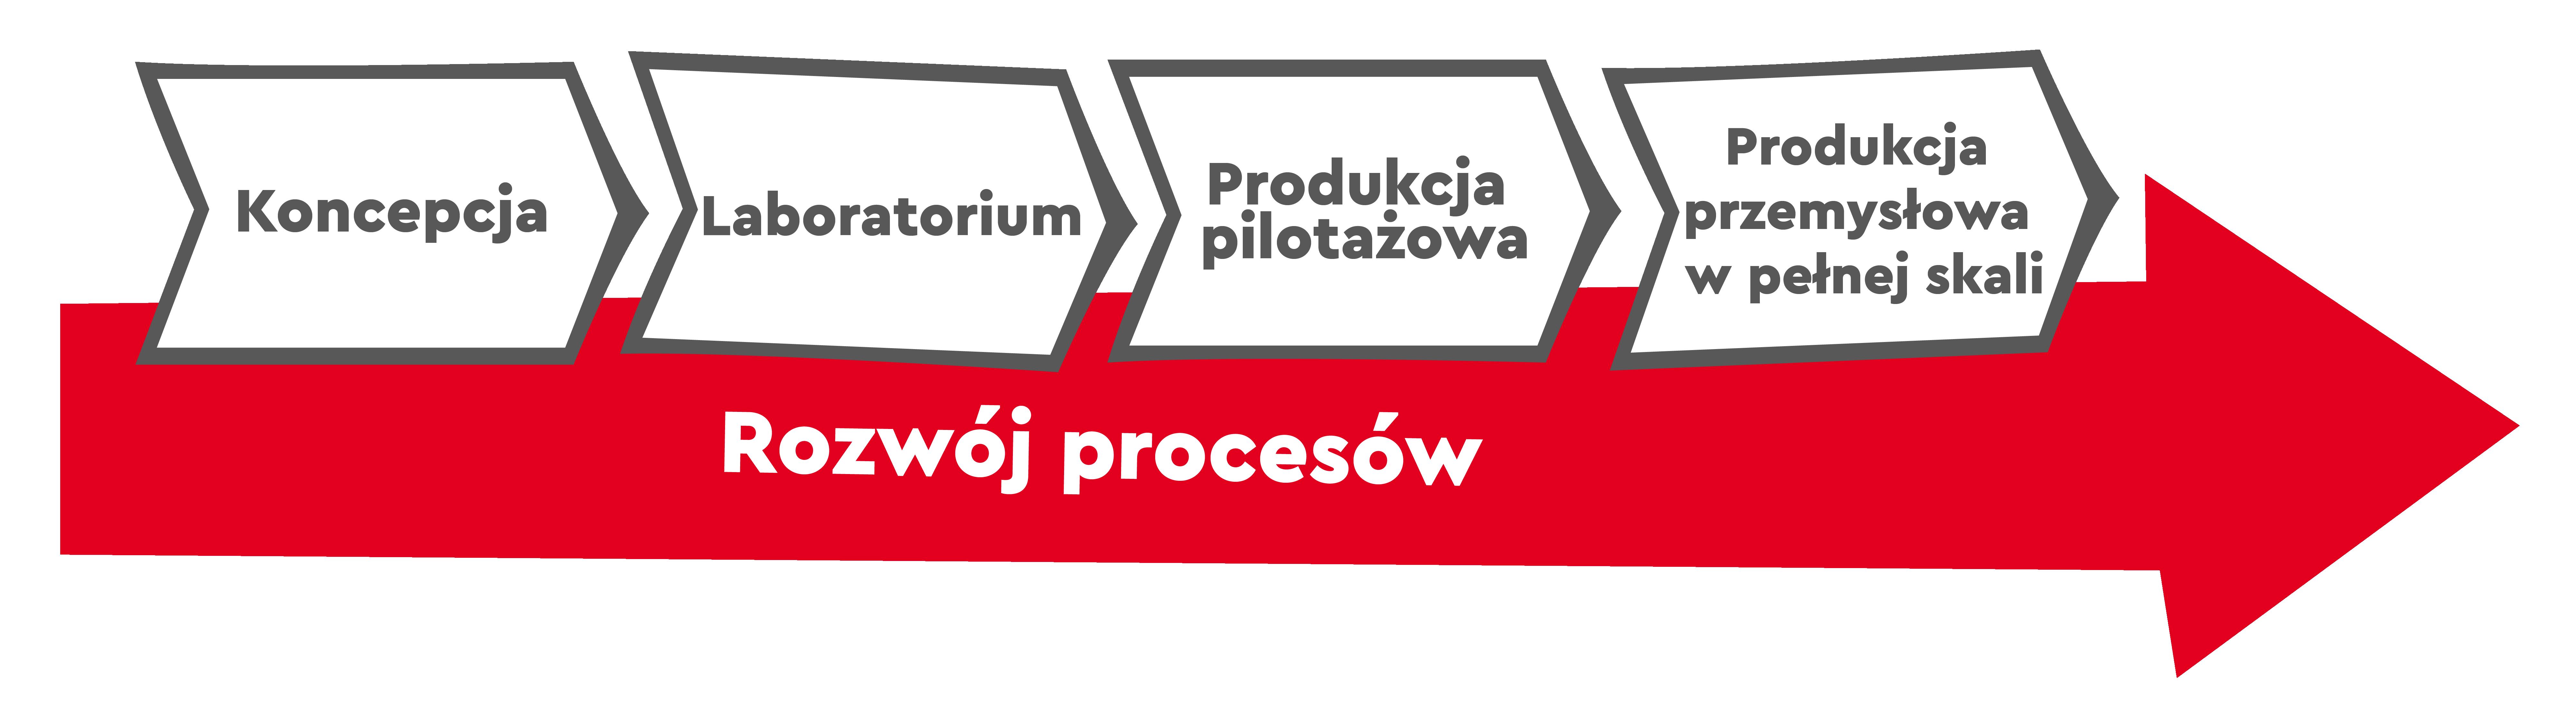 Wykres rozwoju procesów